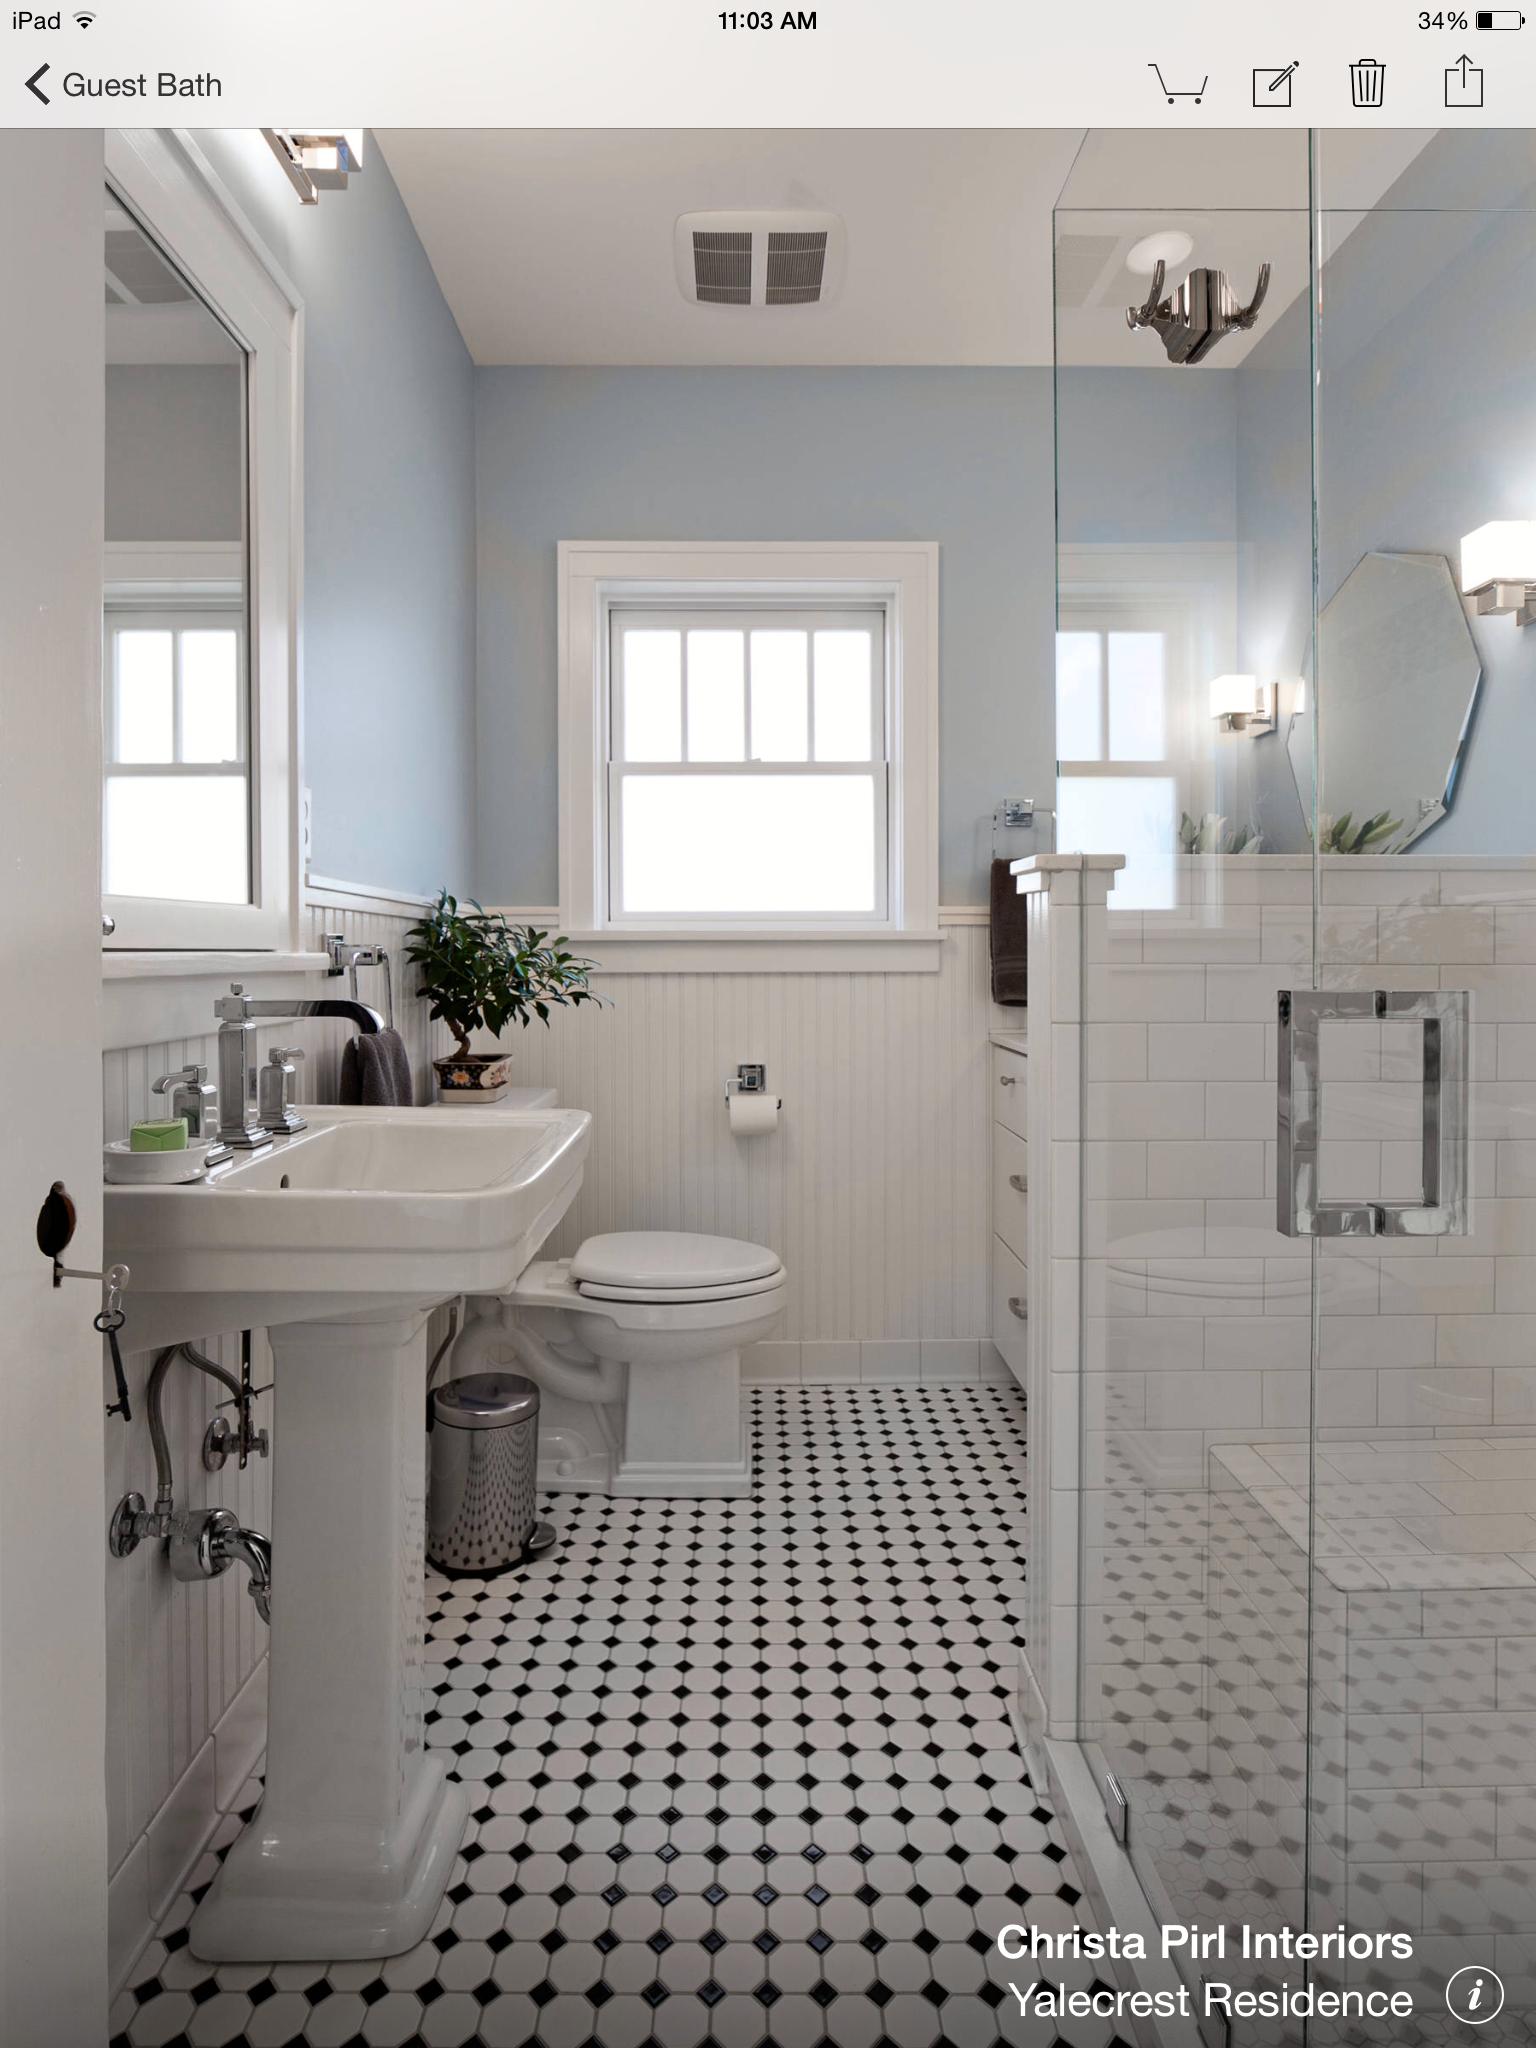 Handwerker Bad, Französisch Badezimmer, Victorian Badezimmer, 1920 Bad,  Handwerker Häuser, Handwerker Küche, Bad Wainscotting, Täfelung, Bad Farben